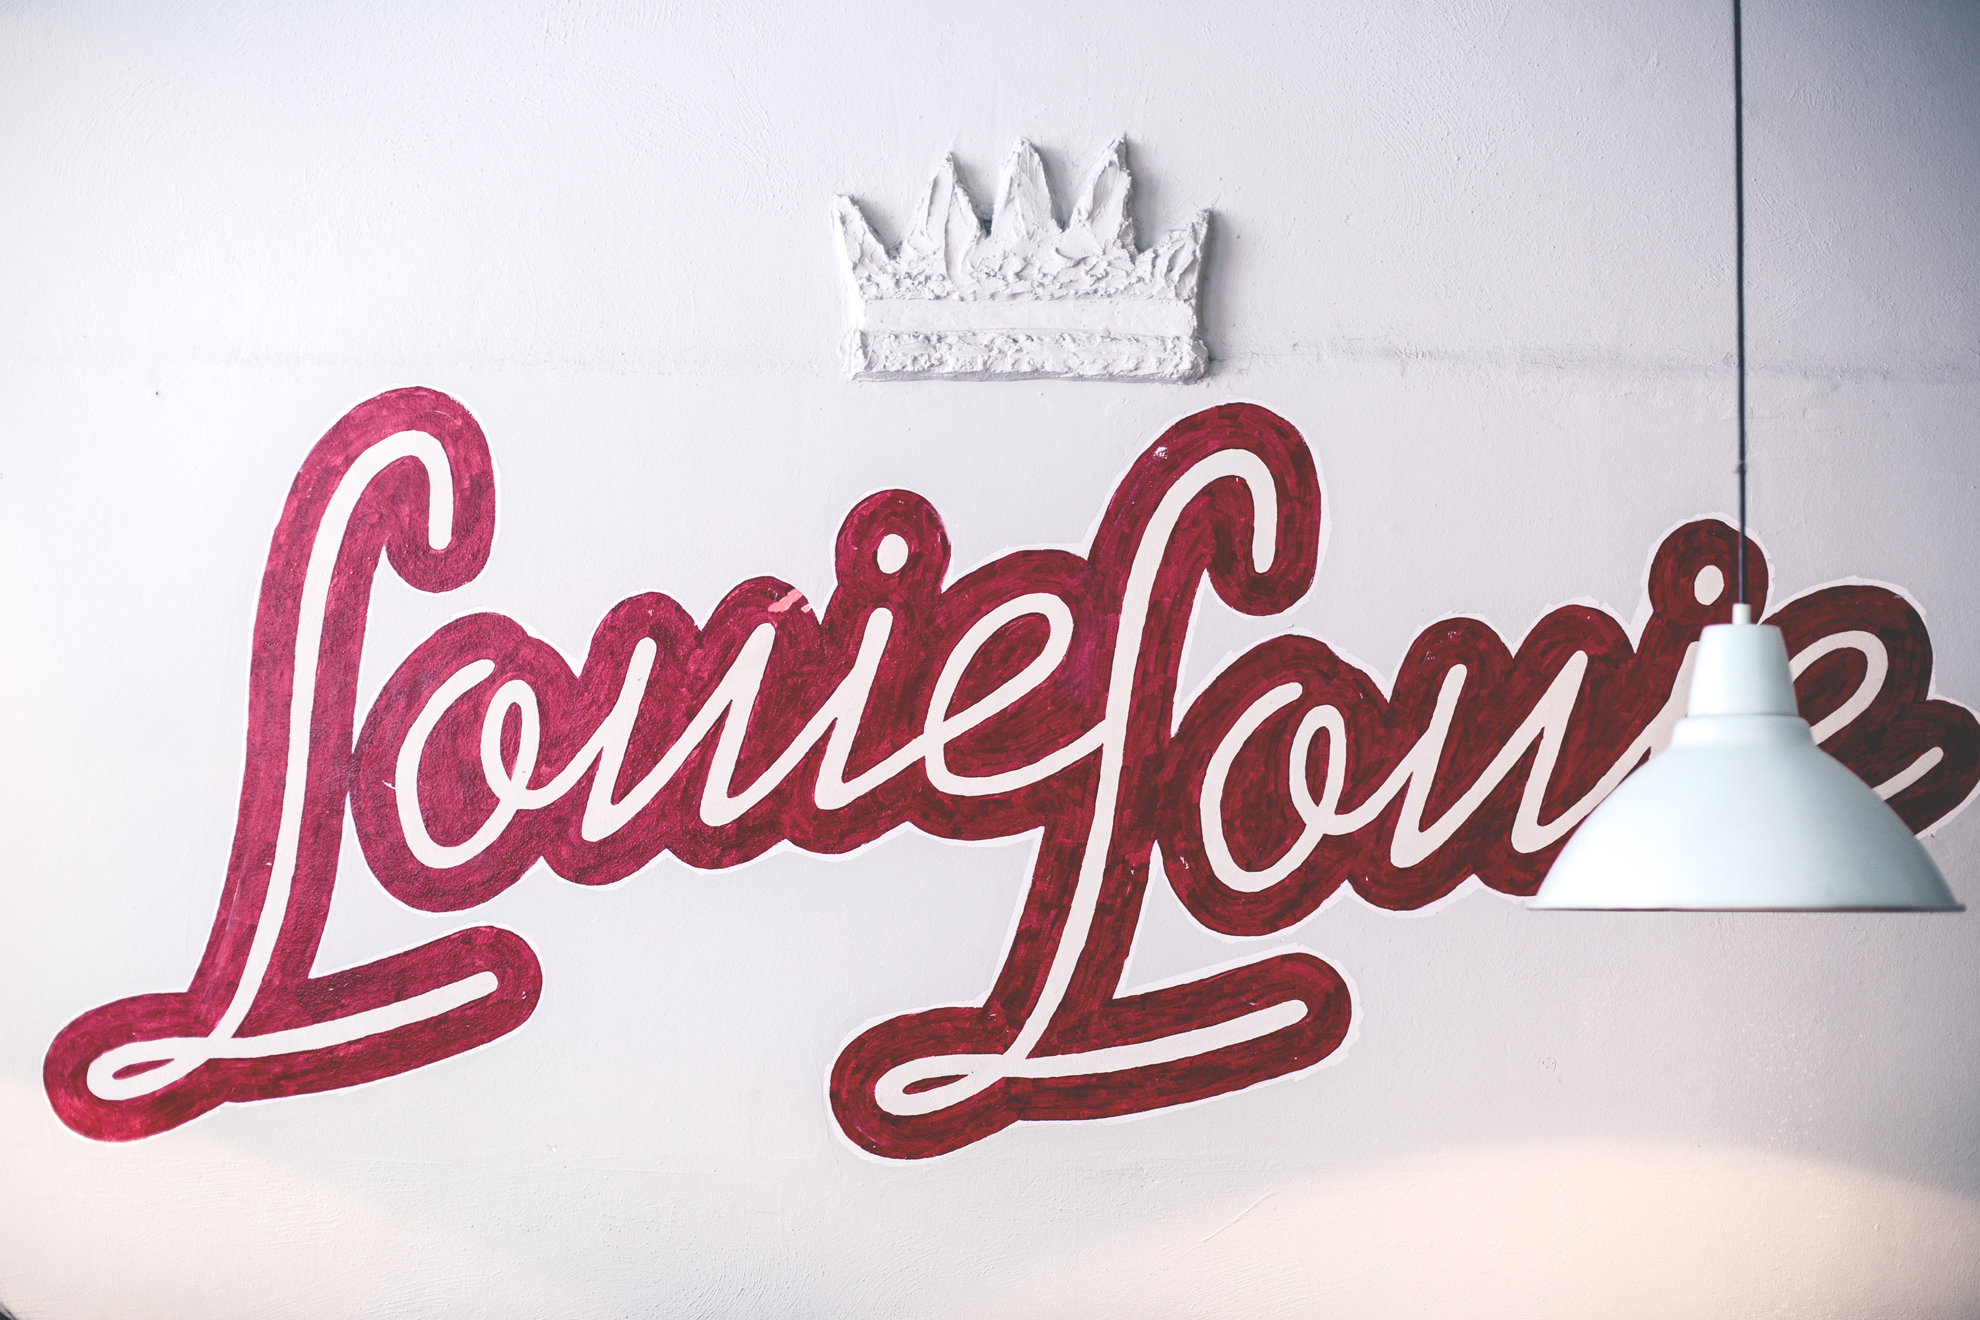 Louie-coffice